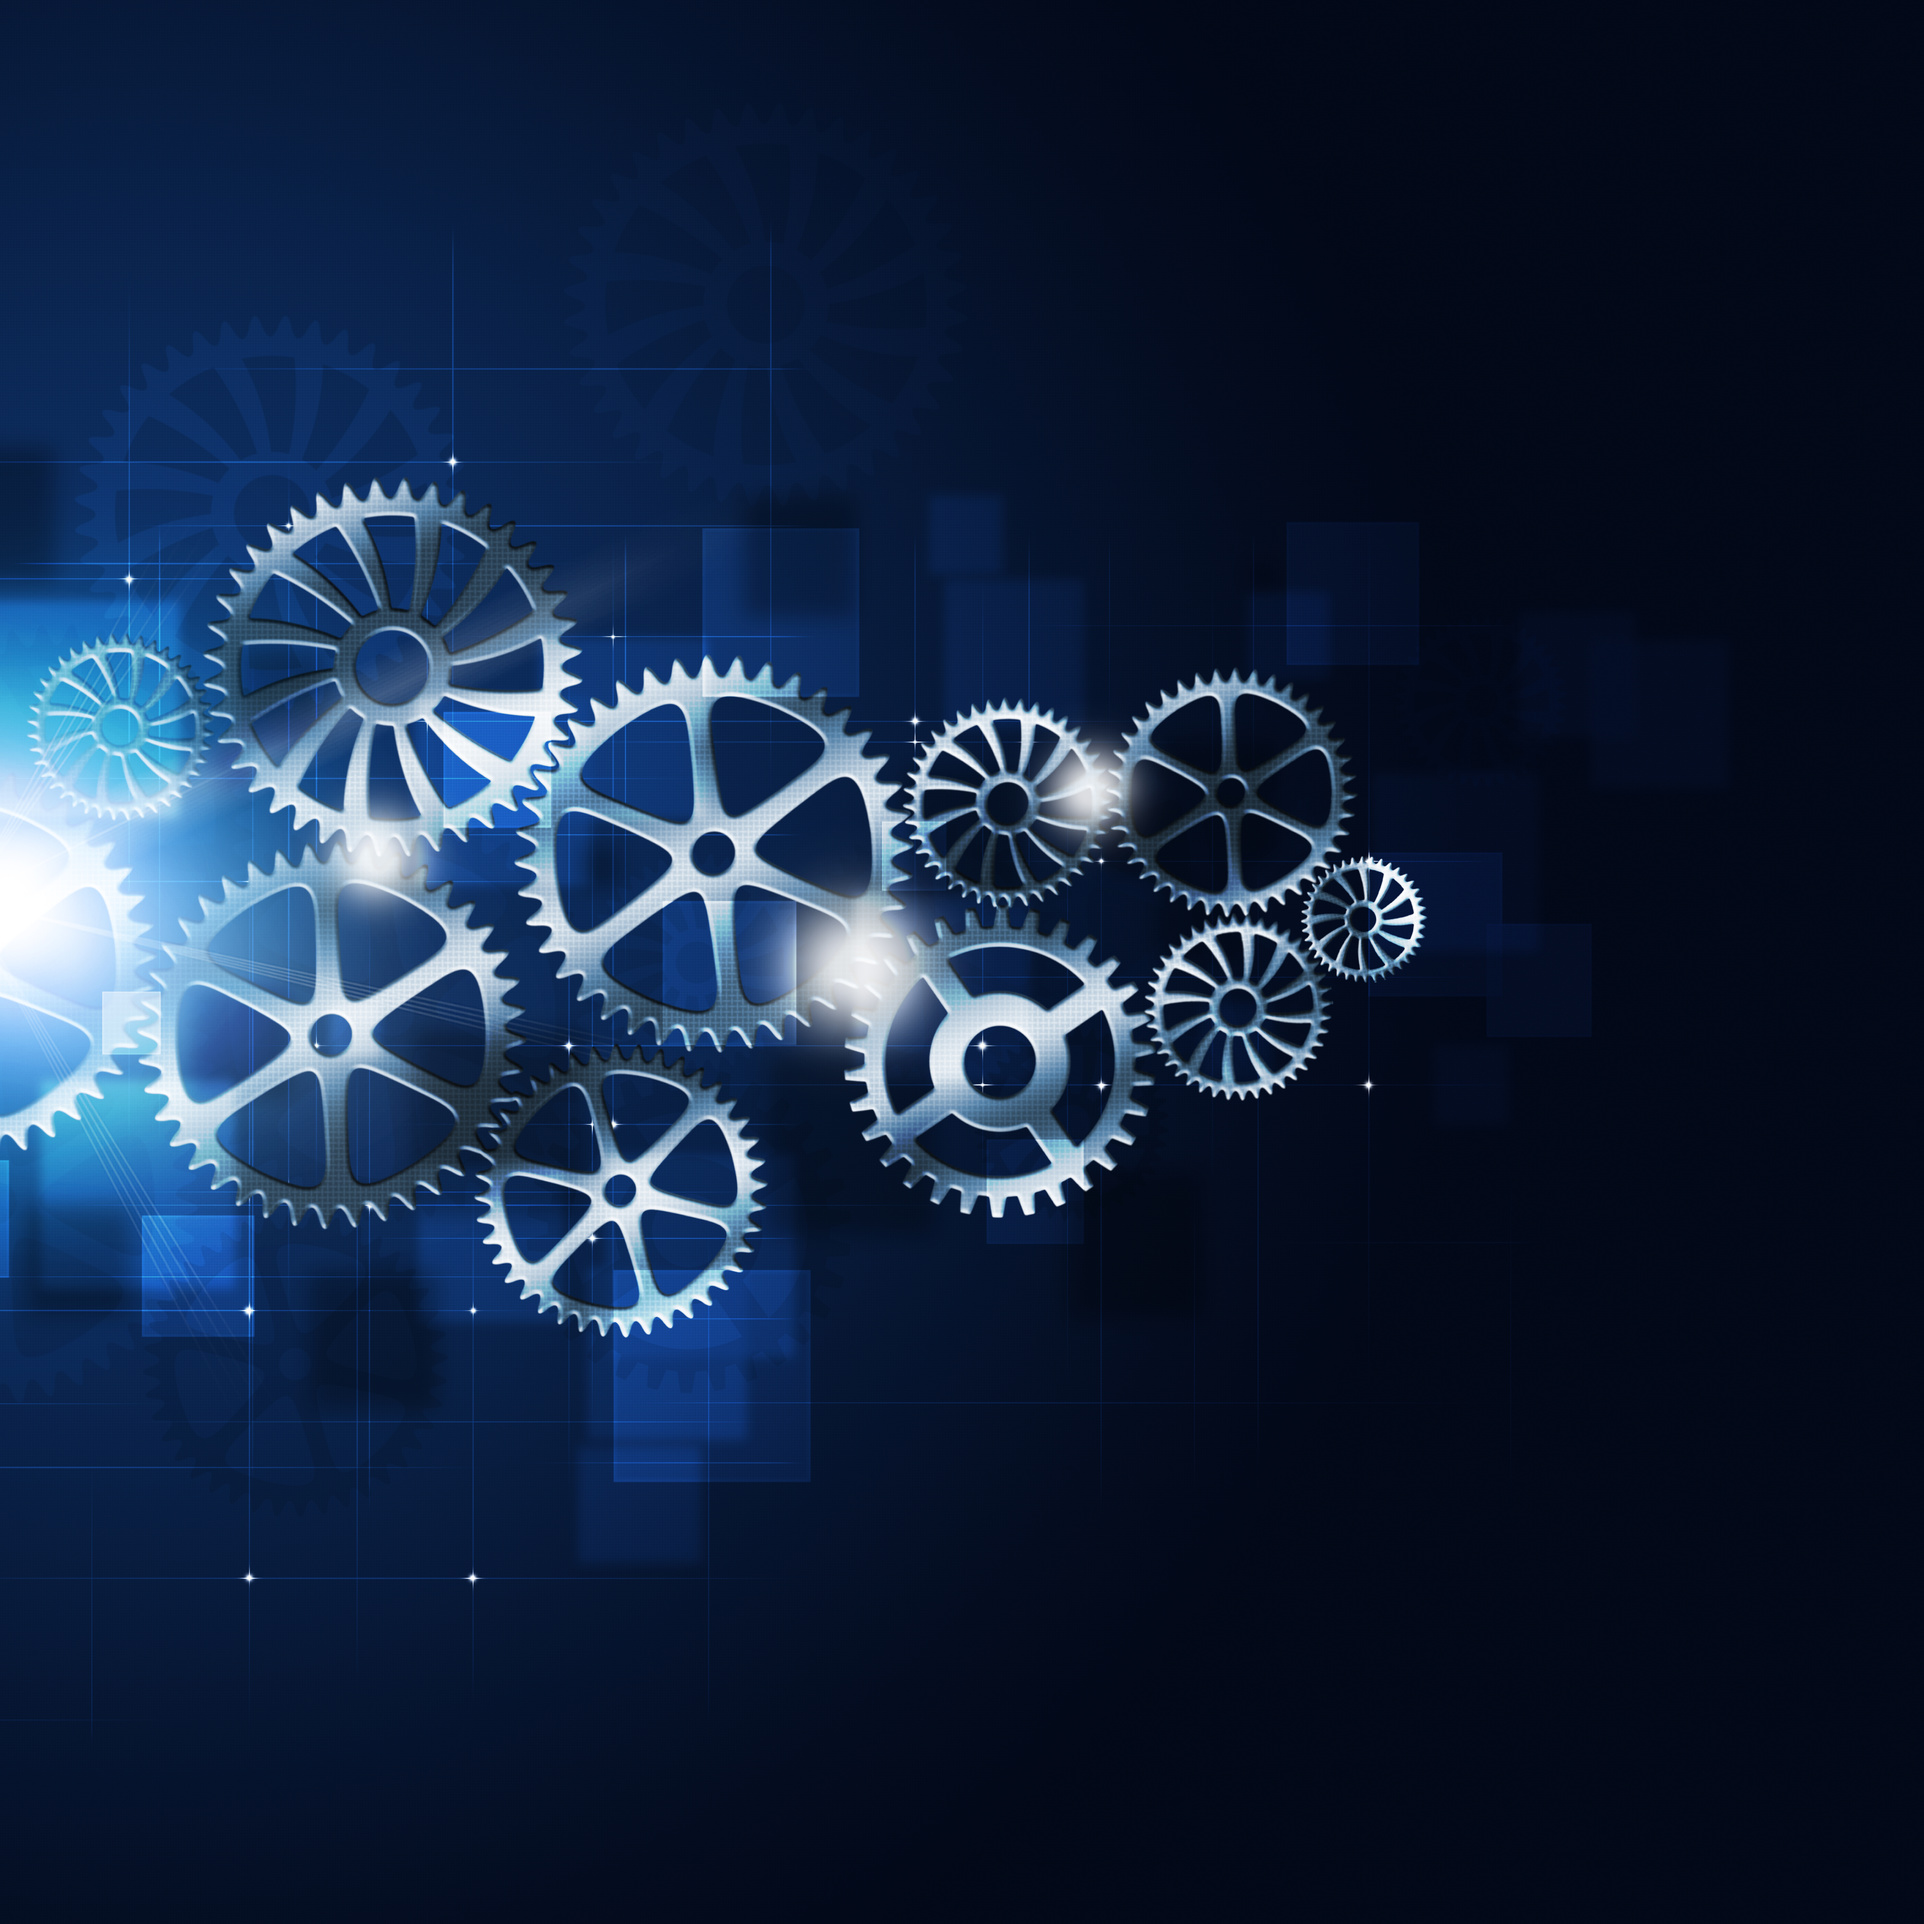 6 piliers pour réussir sa digitalisation (publié dans LSA)